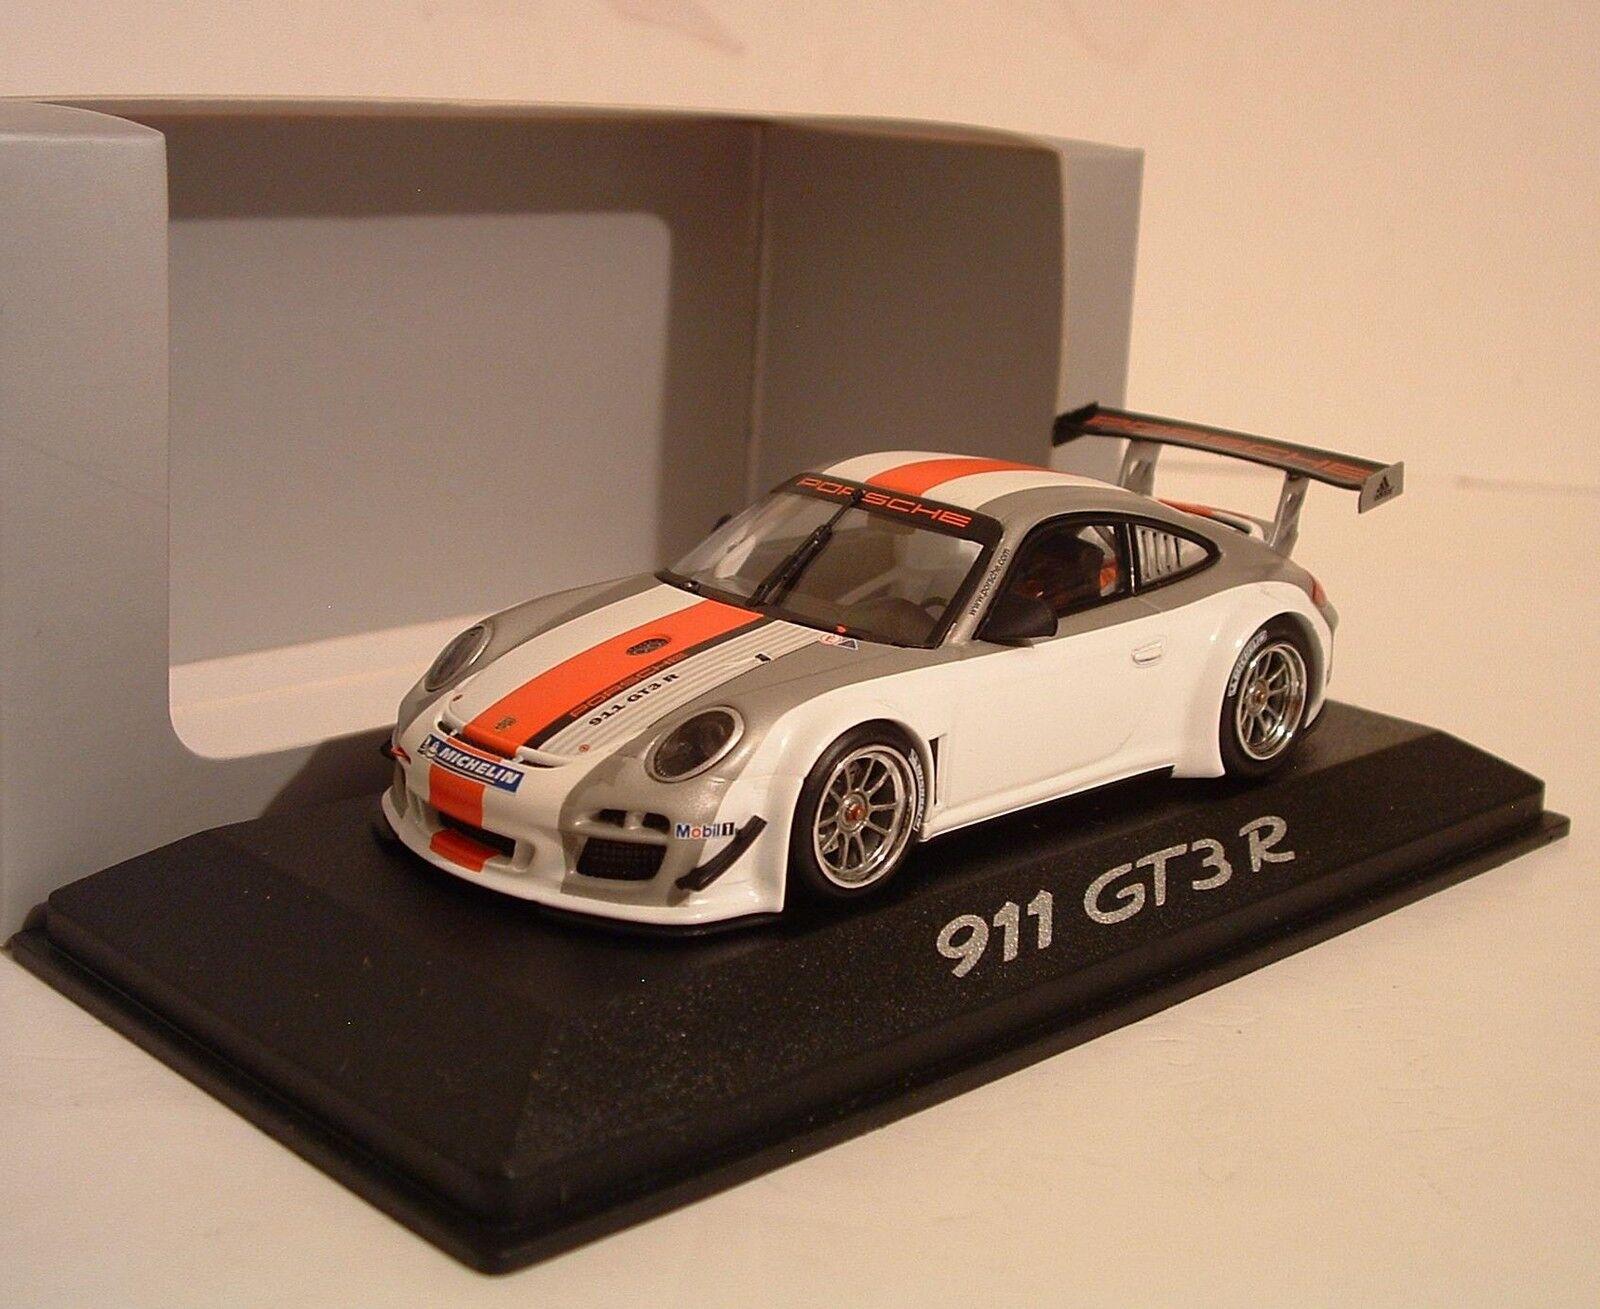 MINICHAMPS 1 43 PORSCHE 911 GT3R PROMO lancement CONCESSIONNAIRE AUTOMOBILE Edition WAP0200160B